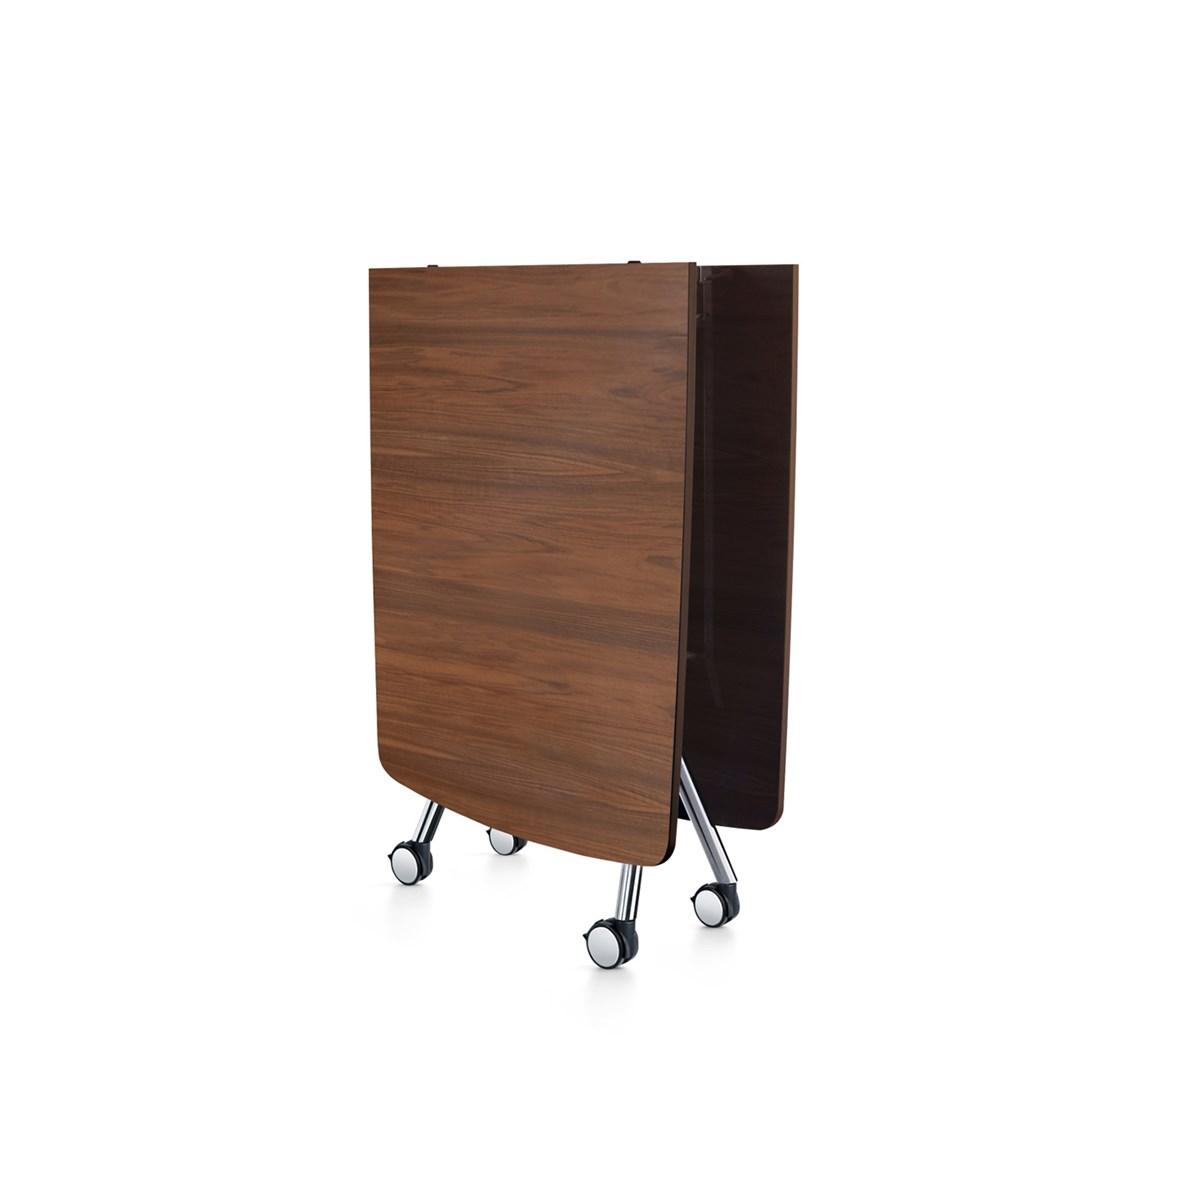 Sedus-Mastermind-Fold-Table-Matisse-2